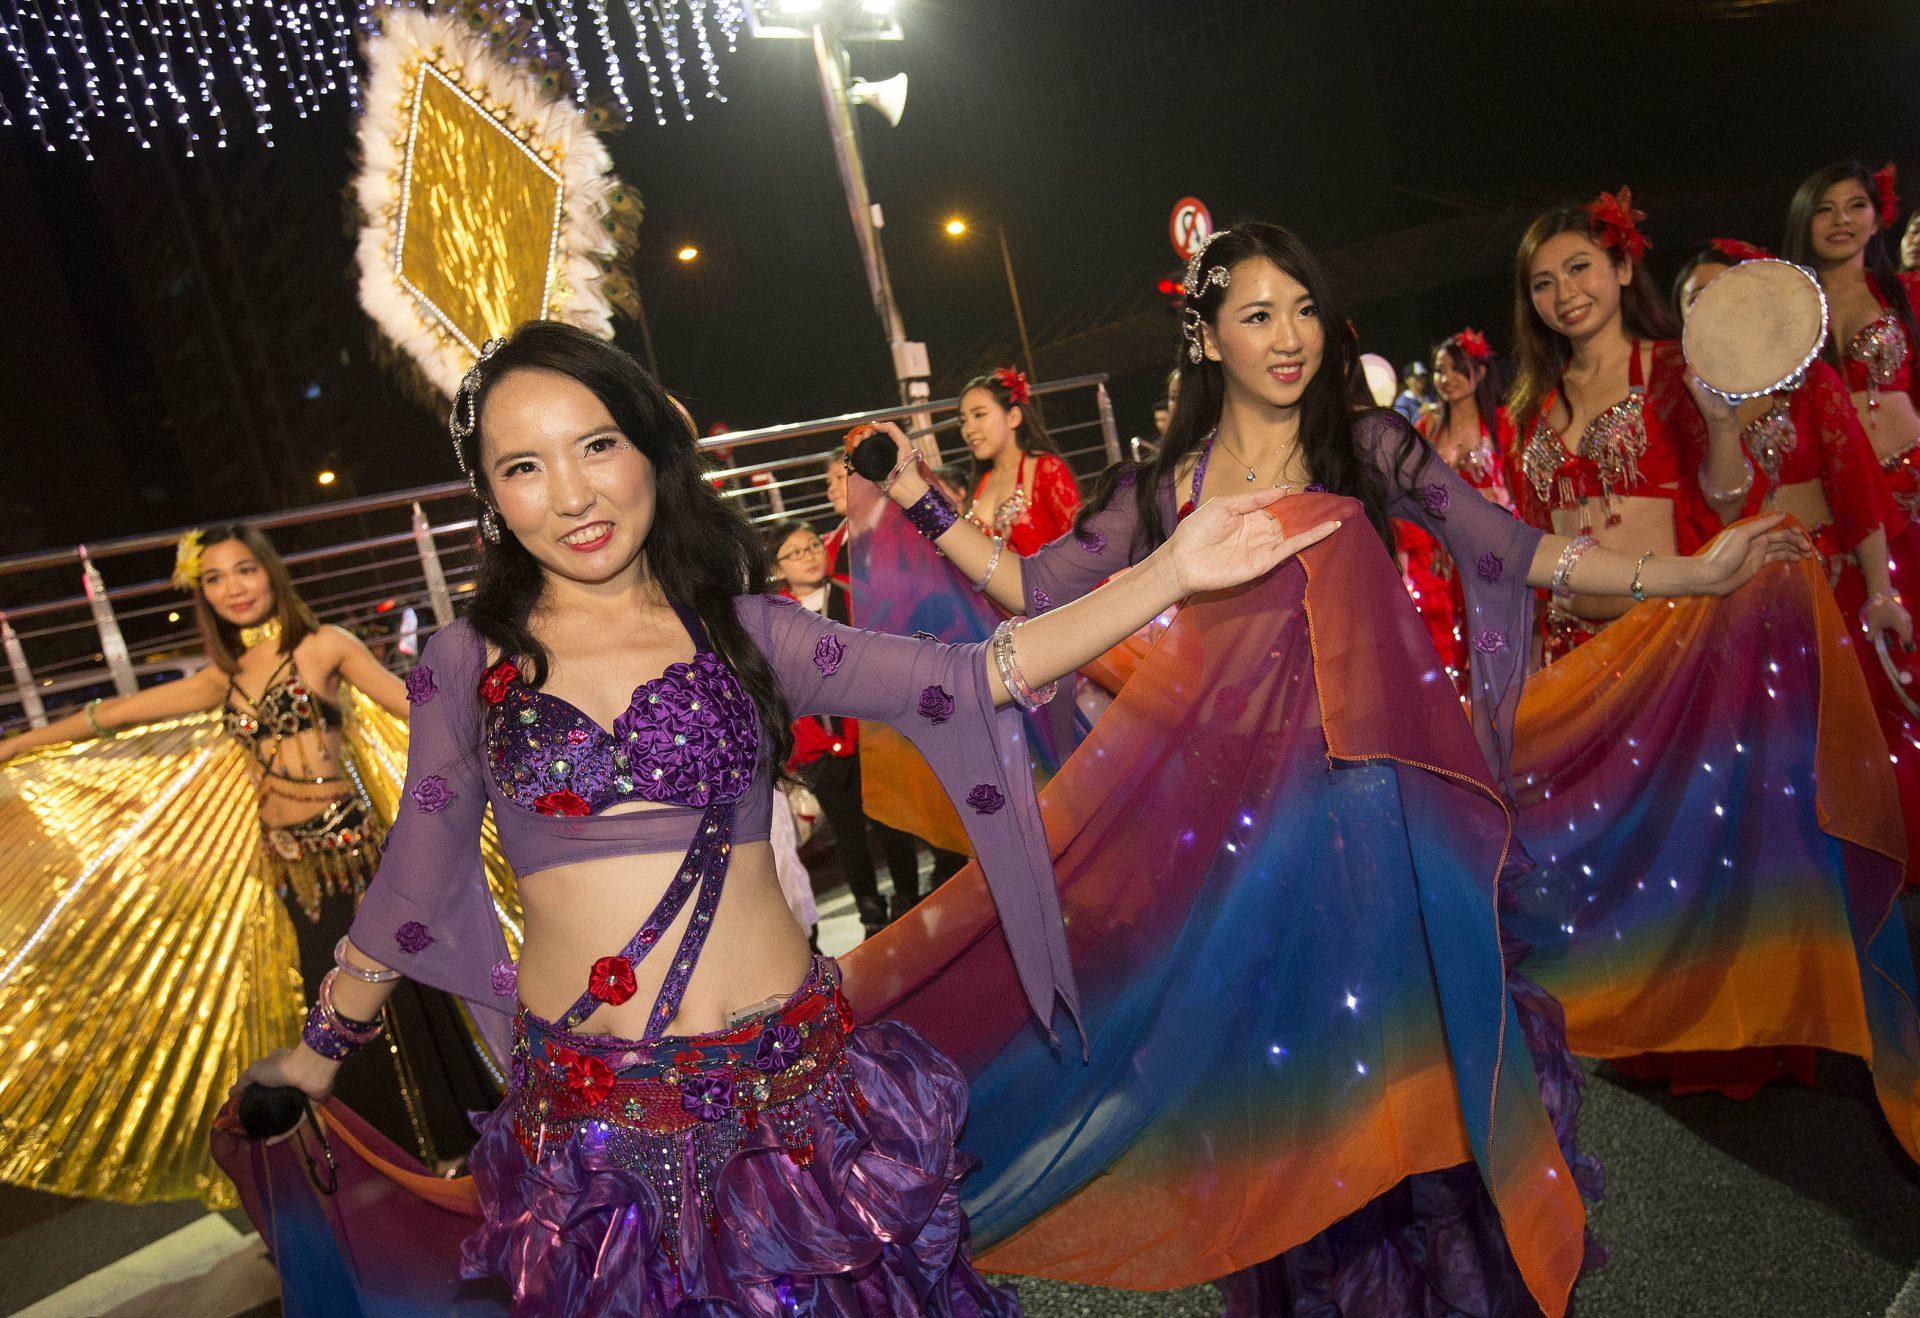 Milhares de pessoas  nas ruas de Macau para ver passar a Parada do Ano da Cabra, onde participaram 48 grupos, num total de 1.288 artistas, Macau, 21 de Fevereiro de 2015. CARMO CORREIA/LUSA